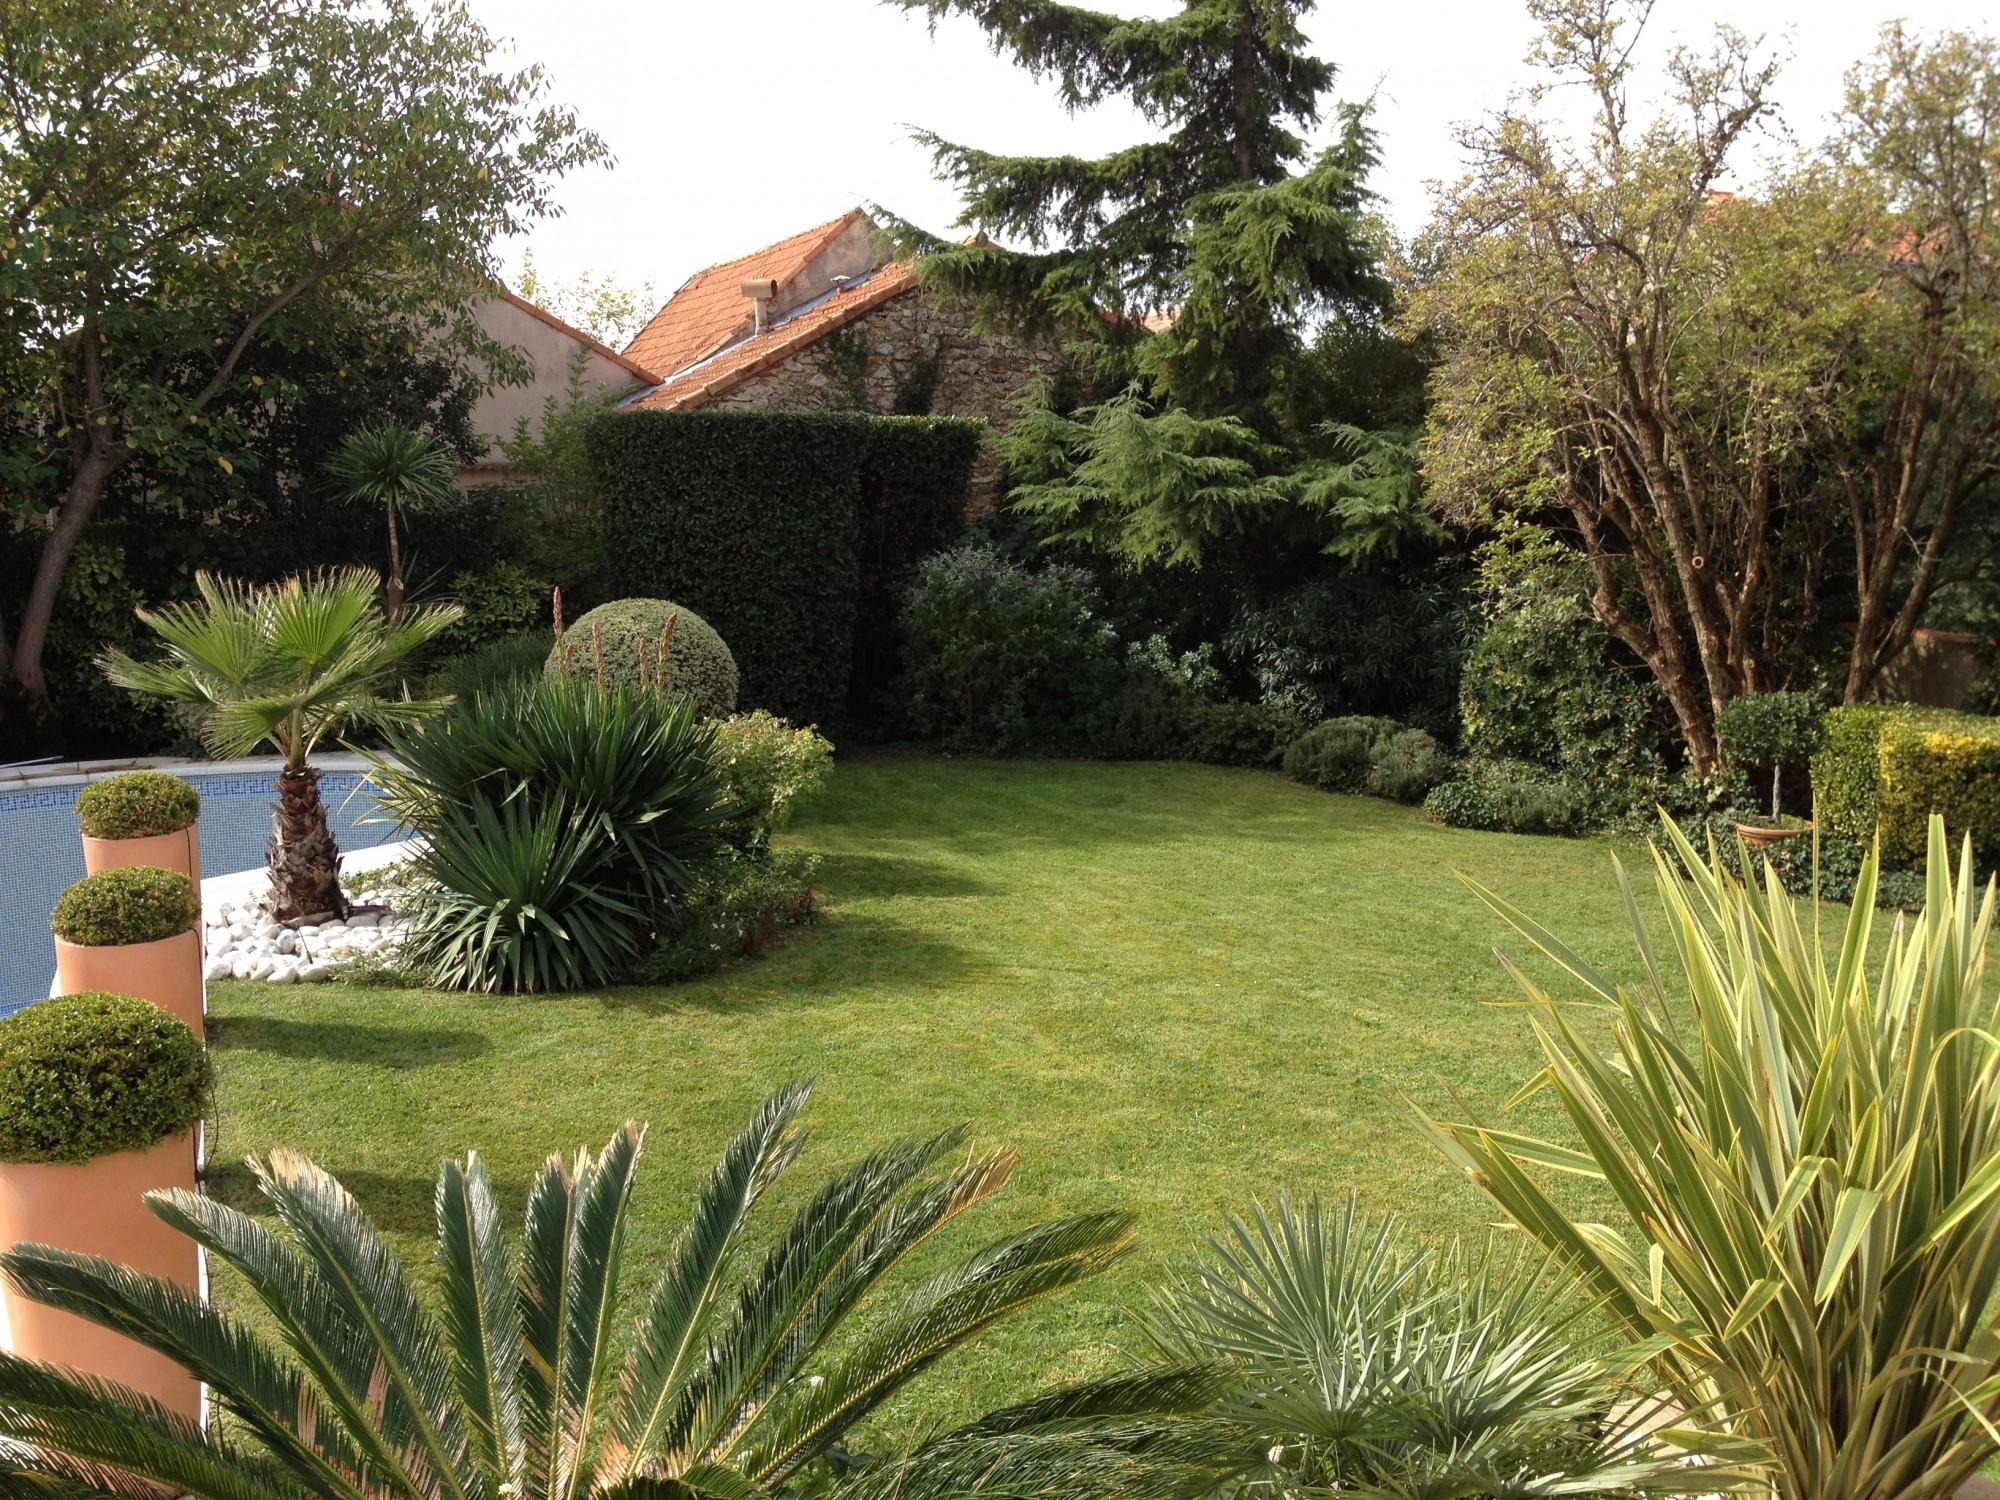 Entretien de jardins priv s vert tige for Entretien jardin marseille